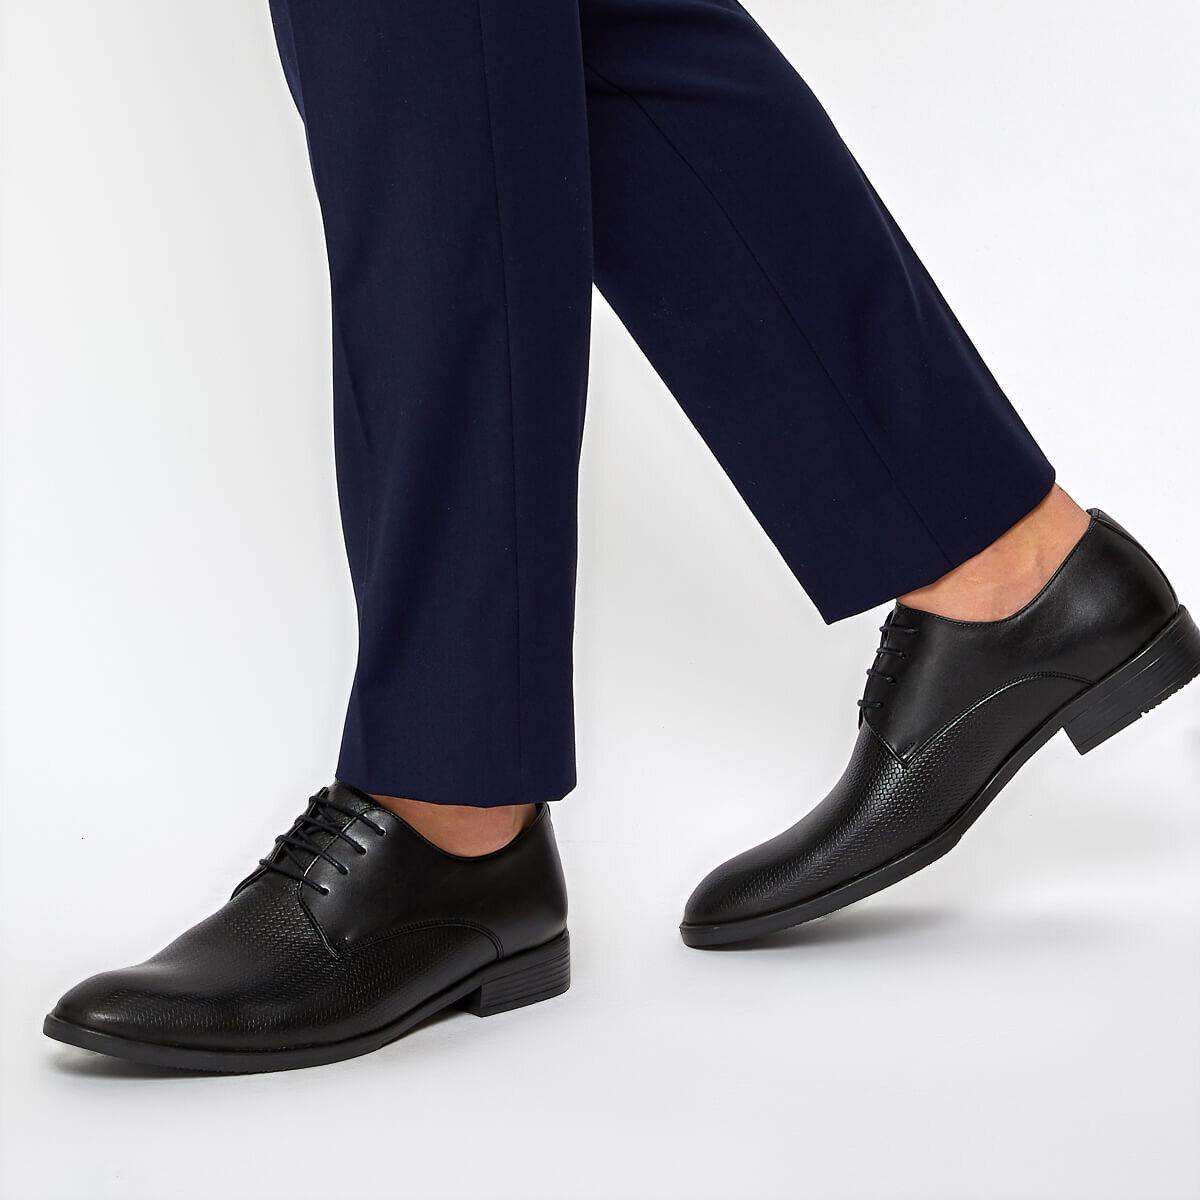 FLO 113-2 zapatos clásicos negros para hombre en la ciudad